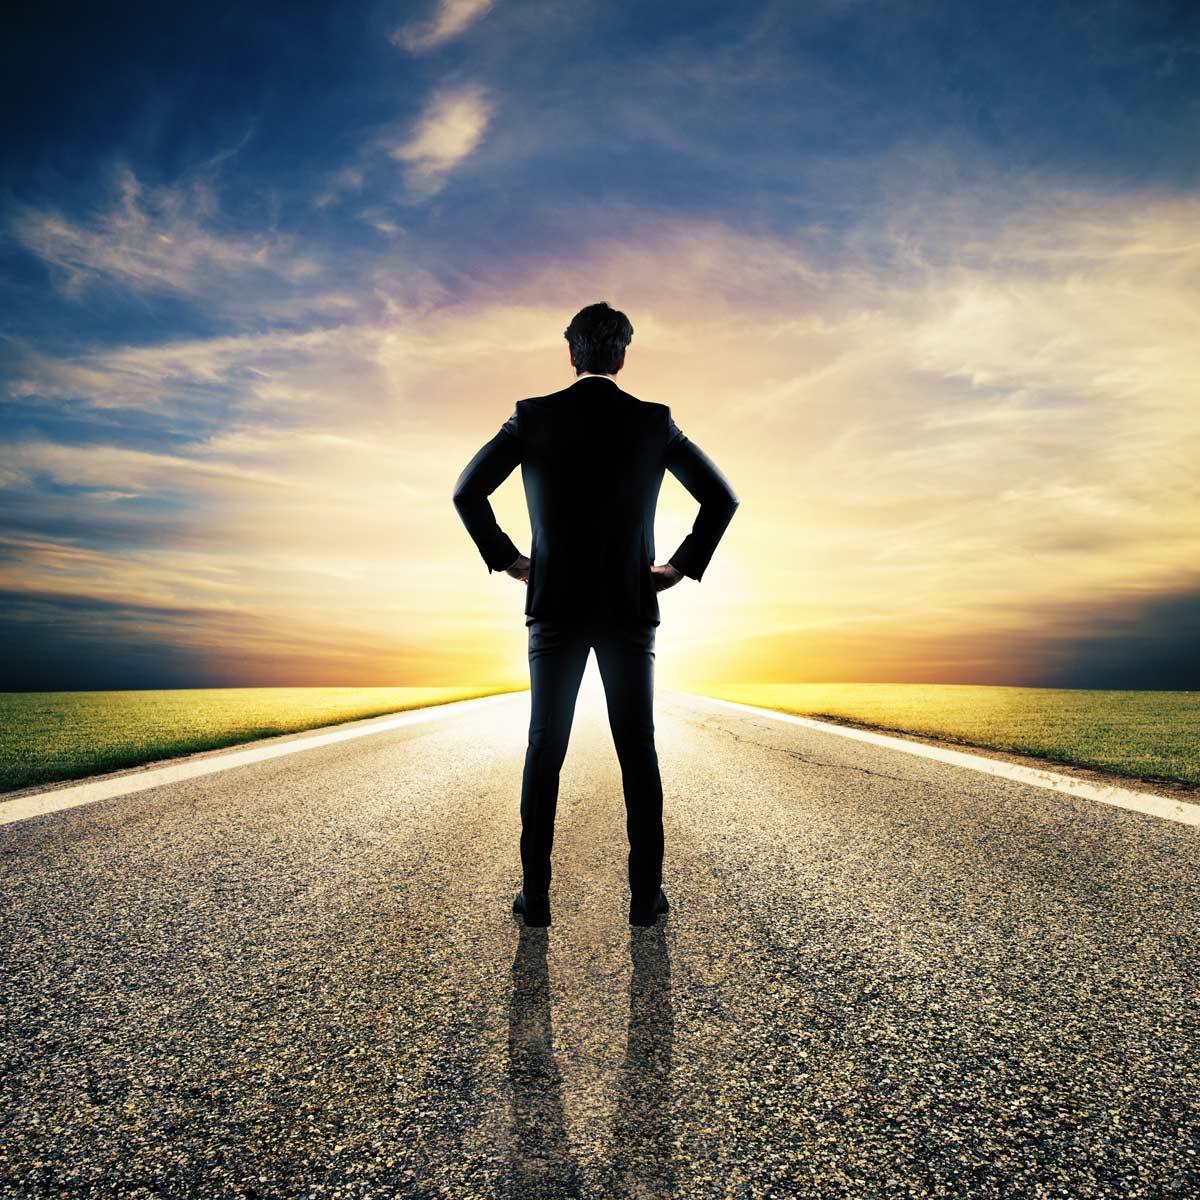 businessman-walks-unknown-r